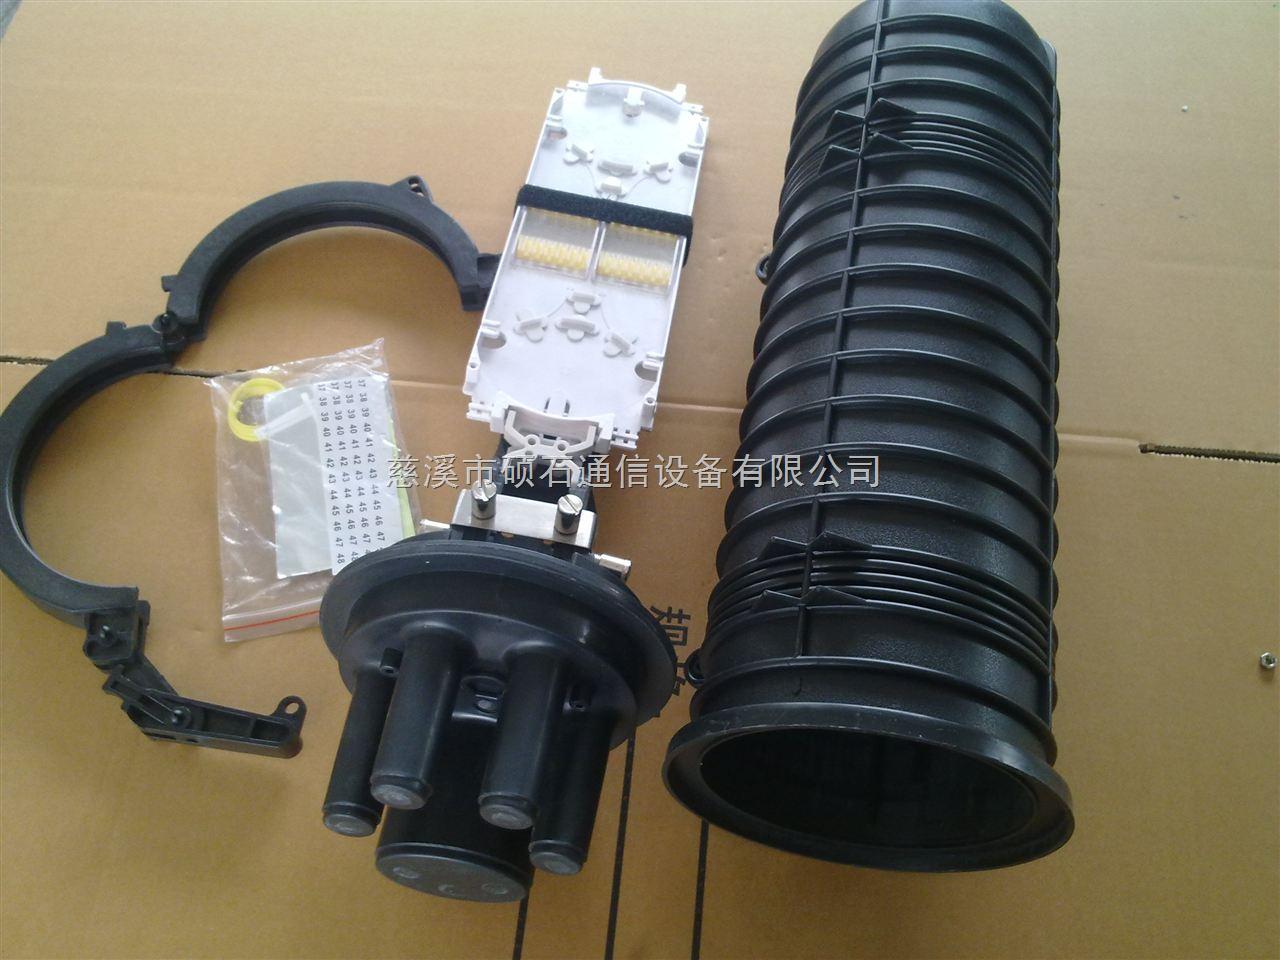 电缆接线筒(电缆接头盒)是电缆接头的保护设备.